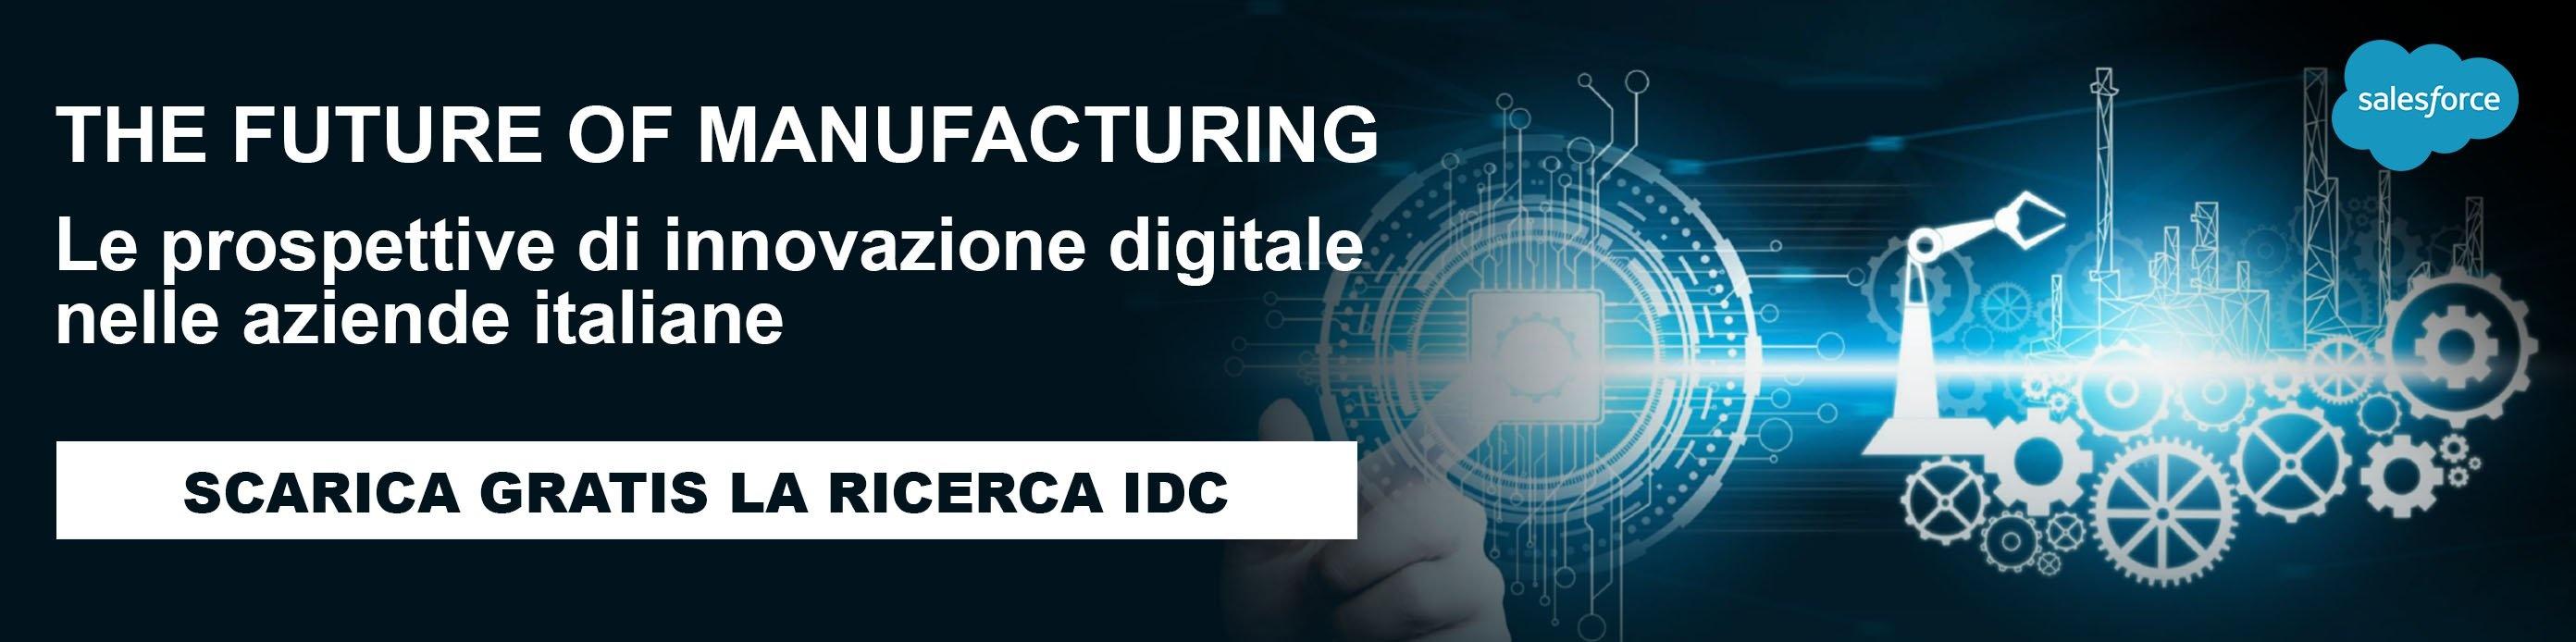 The future of manufacturing - Scarica la ricerca IDC